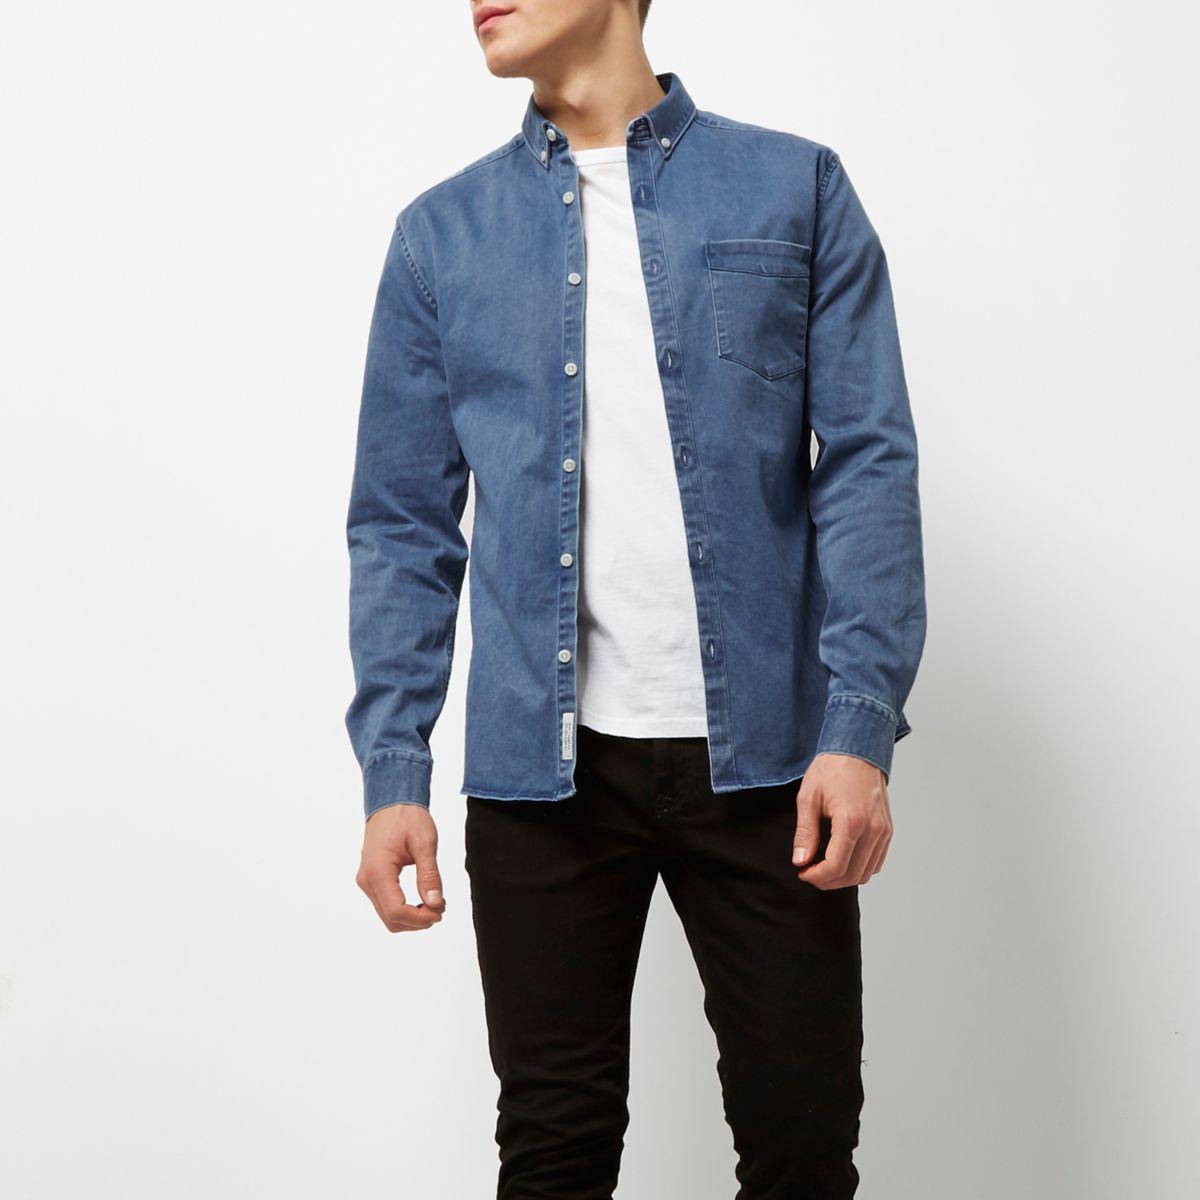 Chemise en jean ajustée bleu délavé